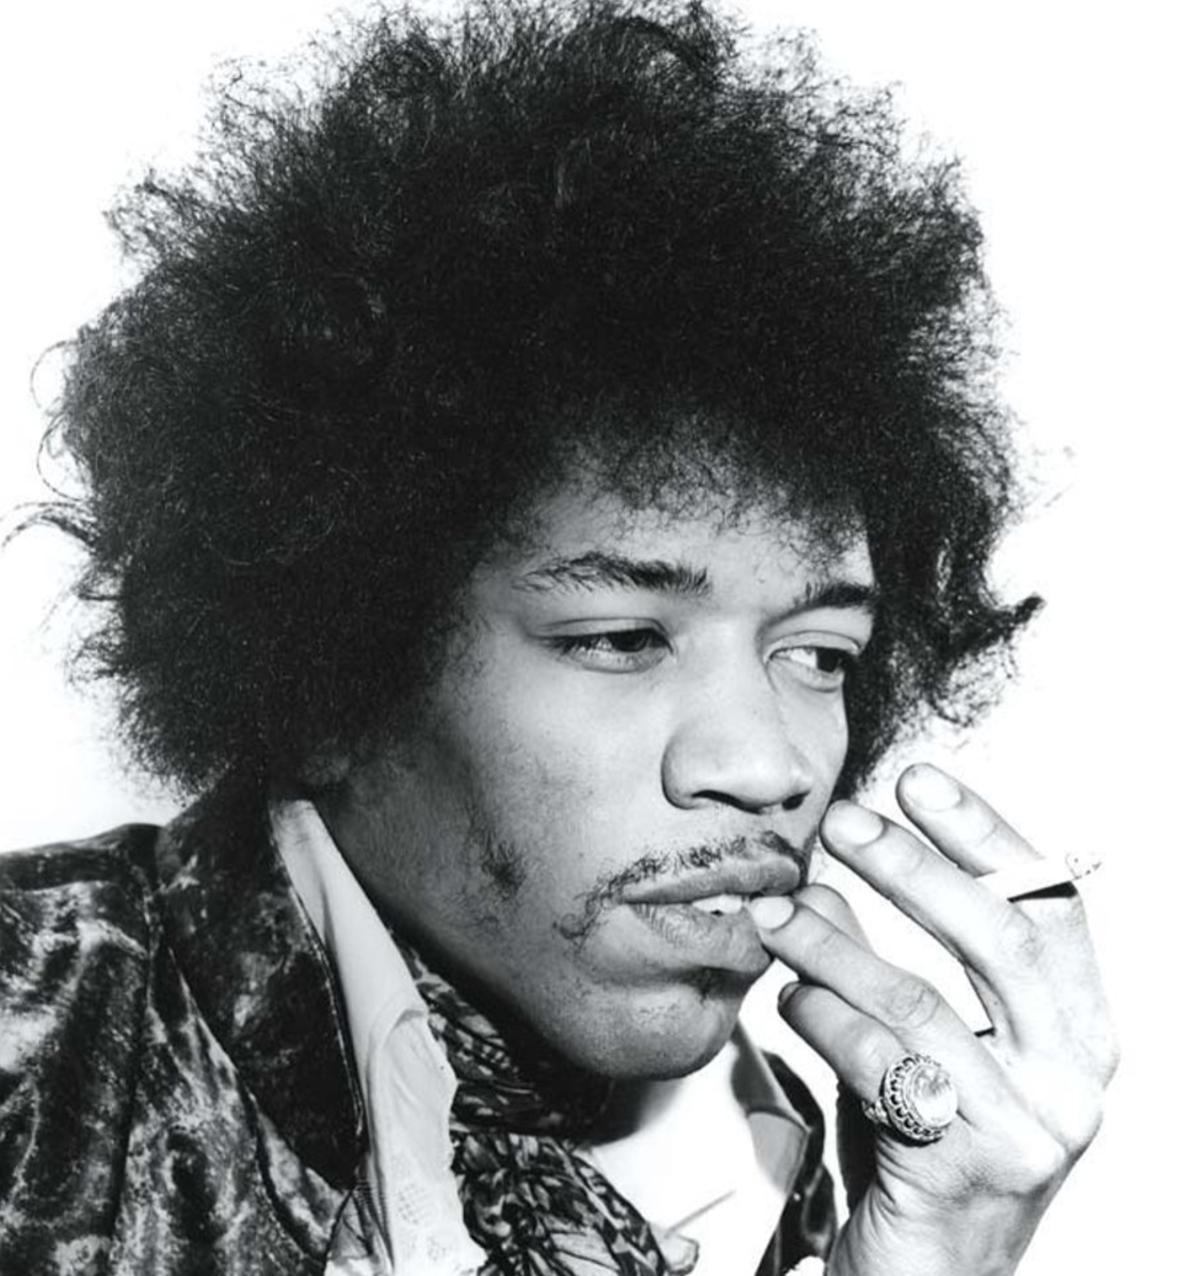 The Jimi Hendrix Park powstanie w 2015!